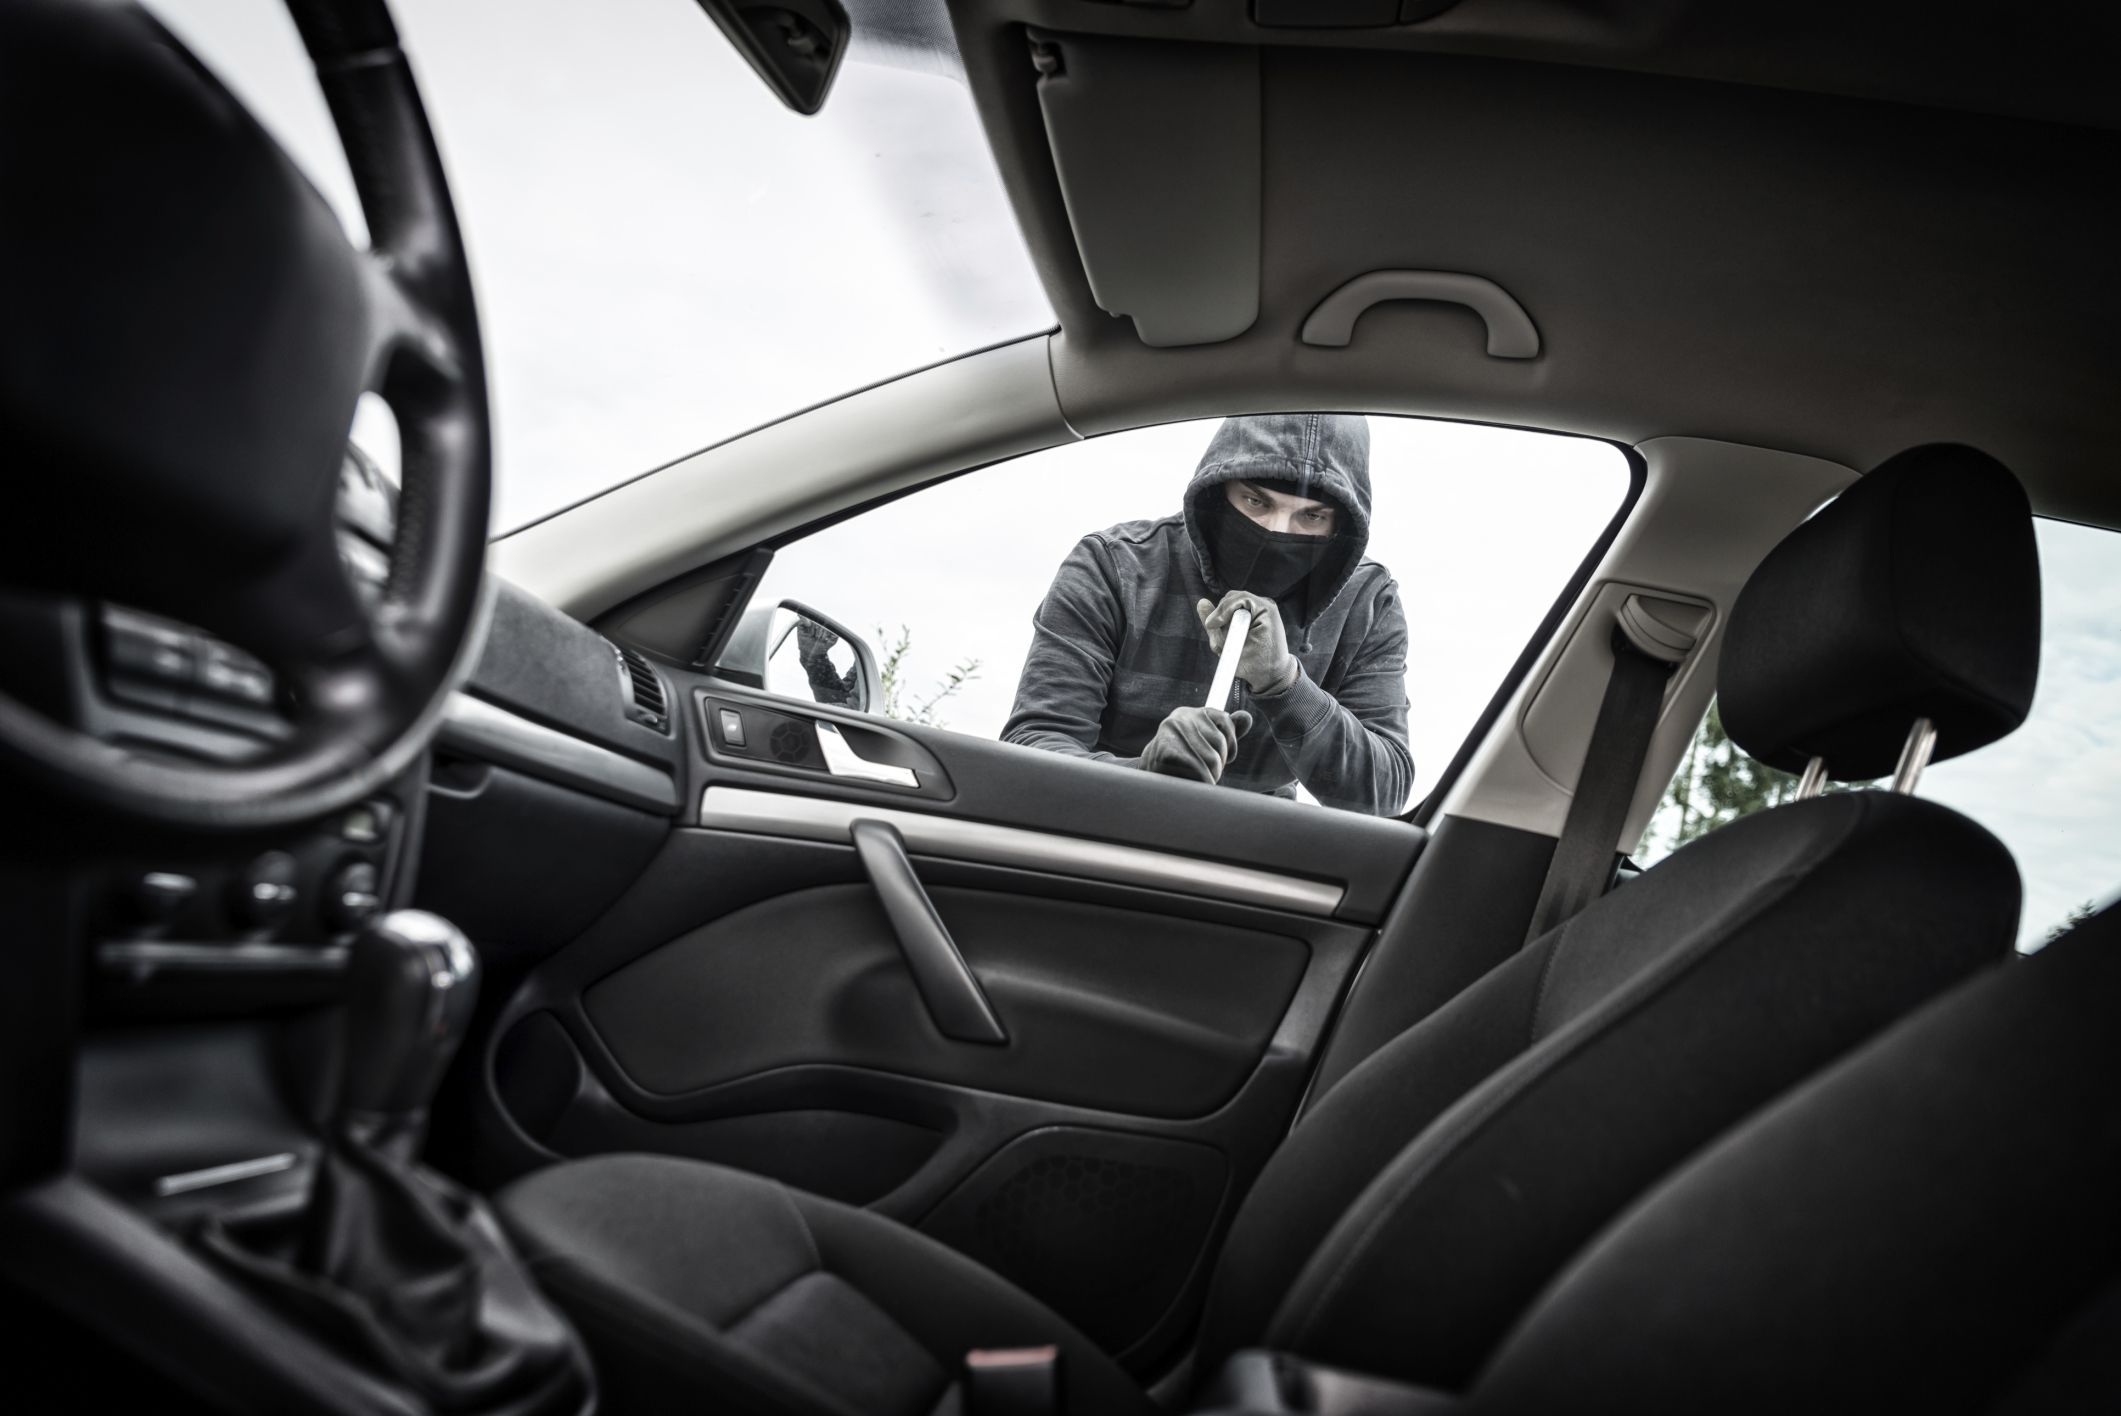 روش های جلوگیری از سرقت خودرو